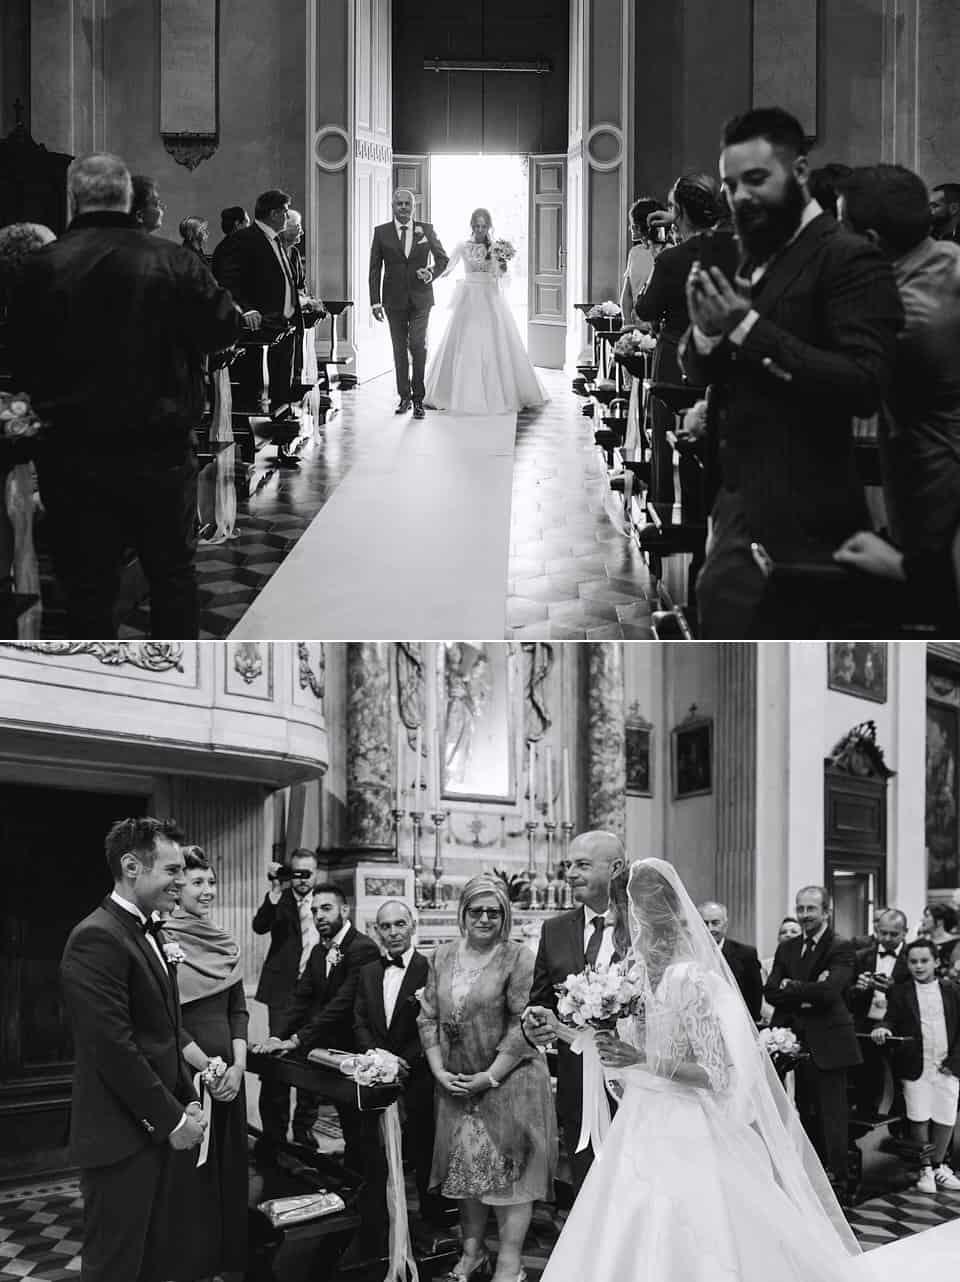 Matrimonio In Franciacorta : Matrimonio al castello quistini in franciacorta